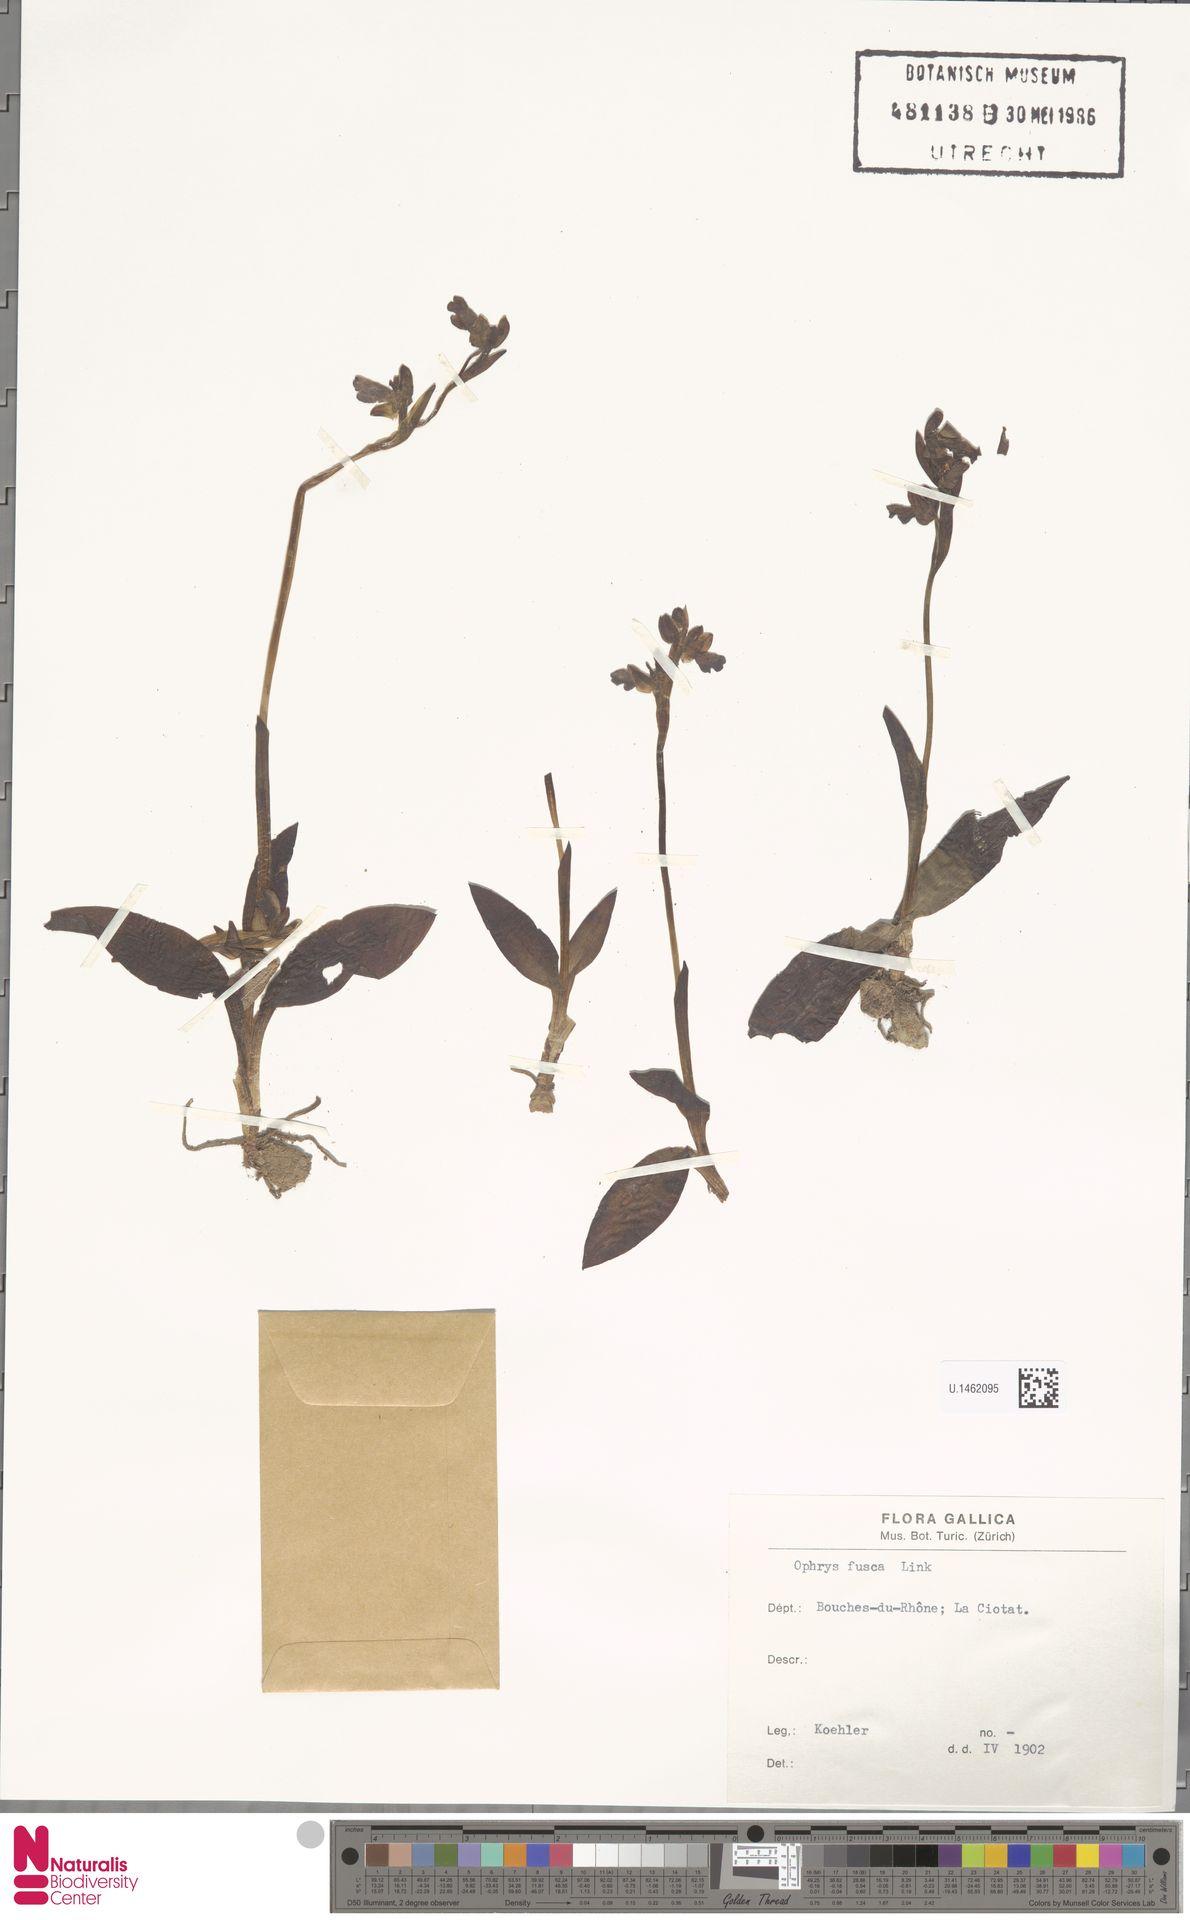 U.1462095 | Ophrys fusca Link